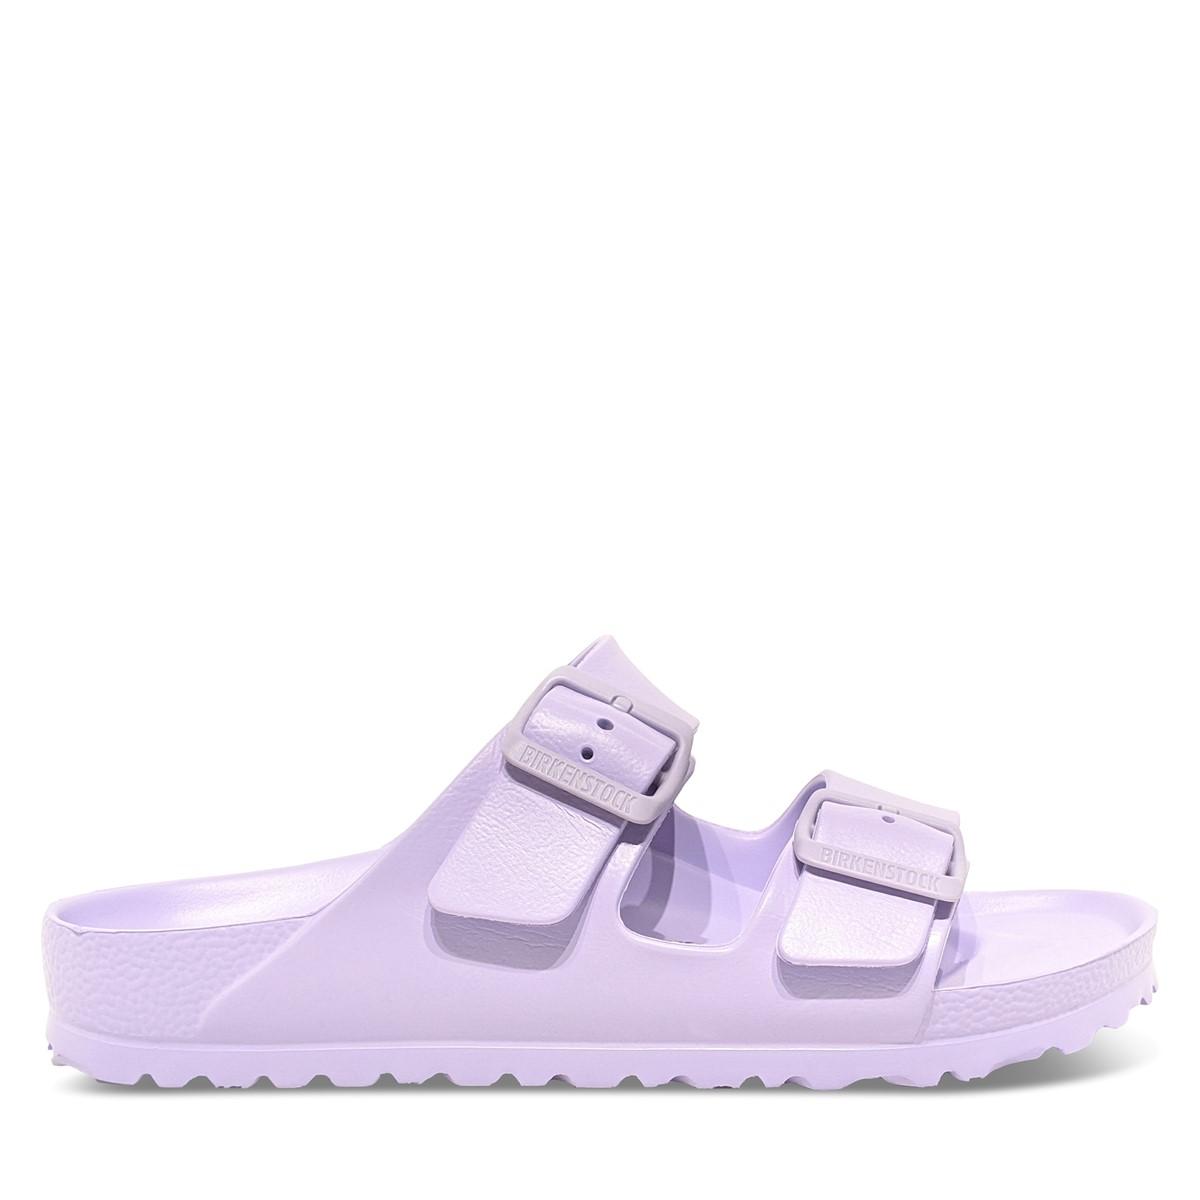 Women's Arizona EVA Sandals in Lilac